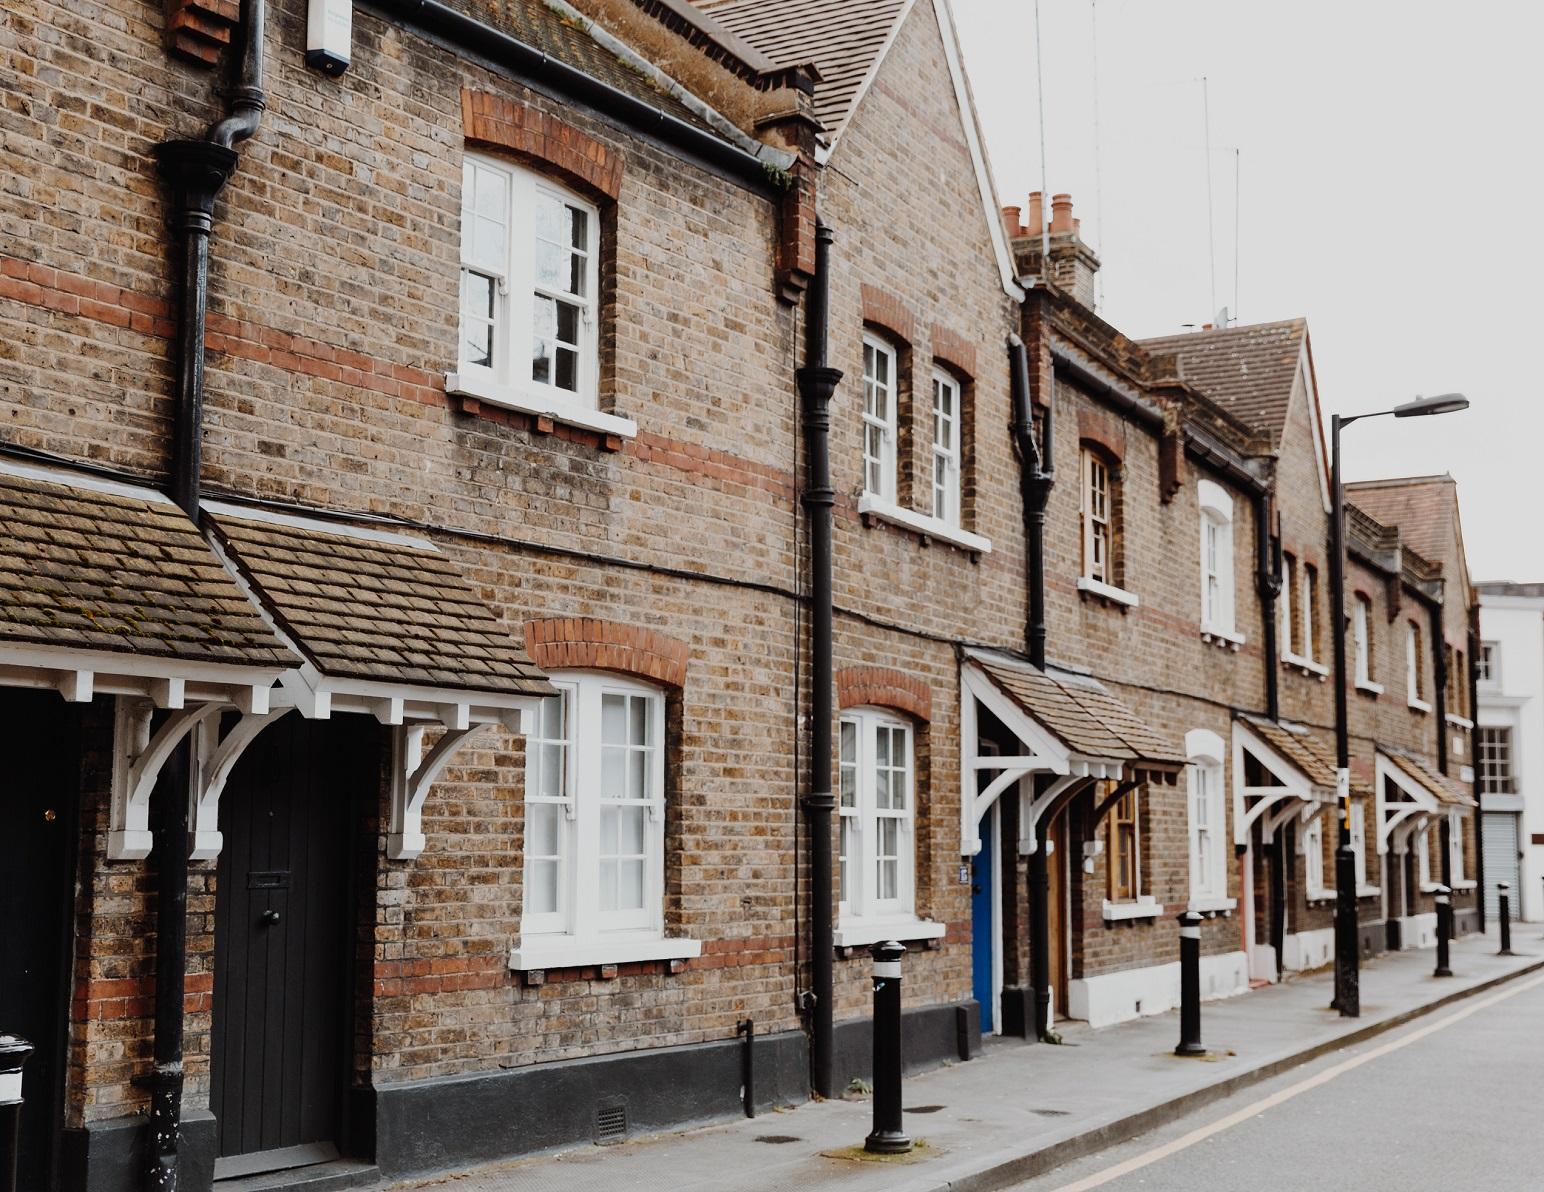 Orange Street's cottages in Borough